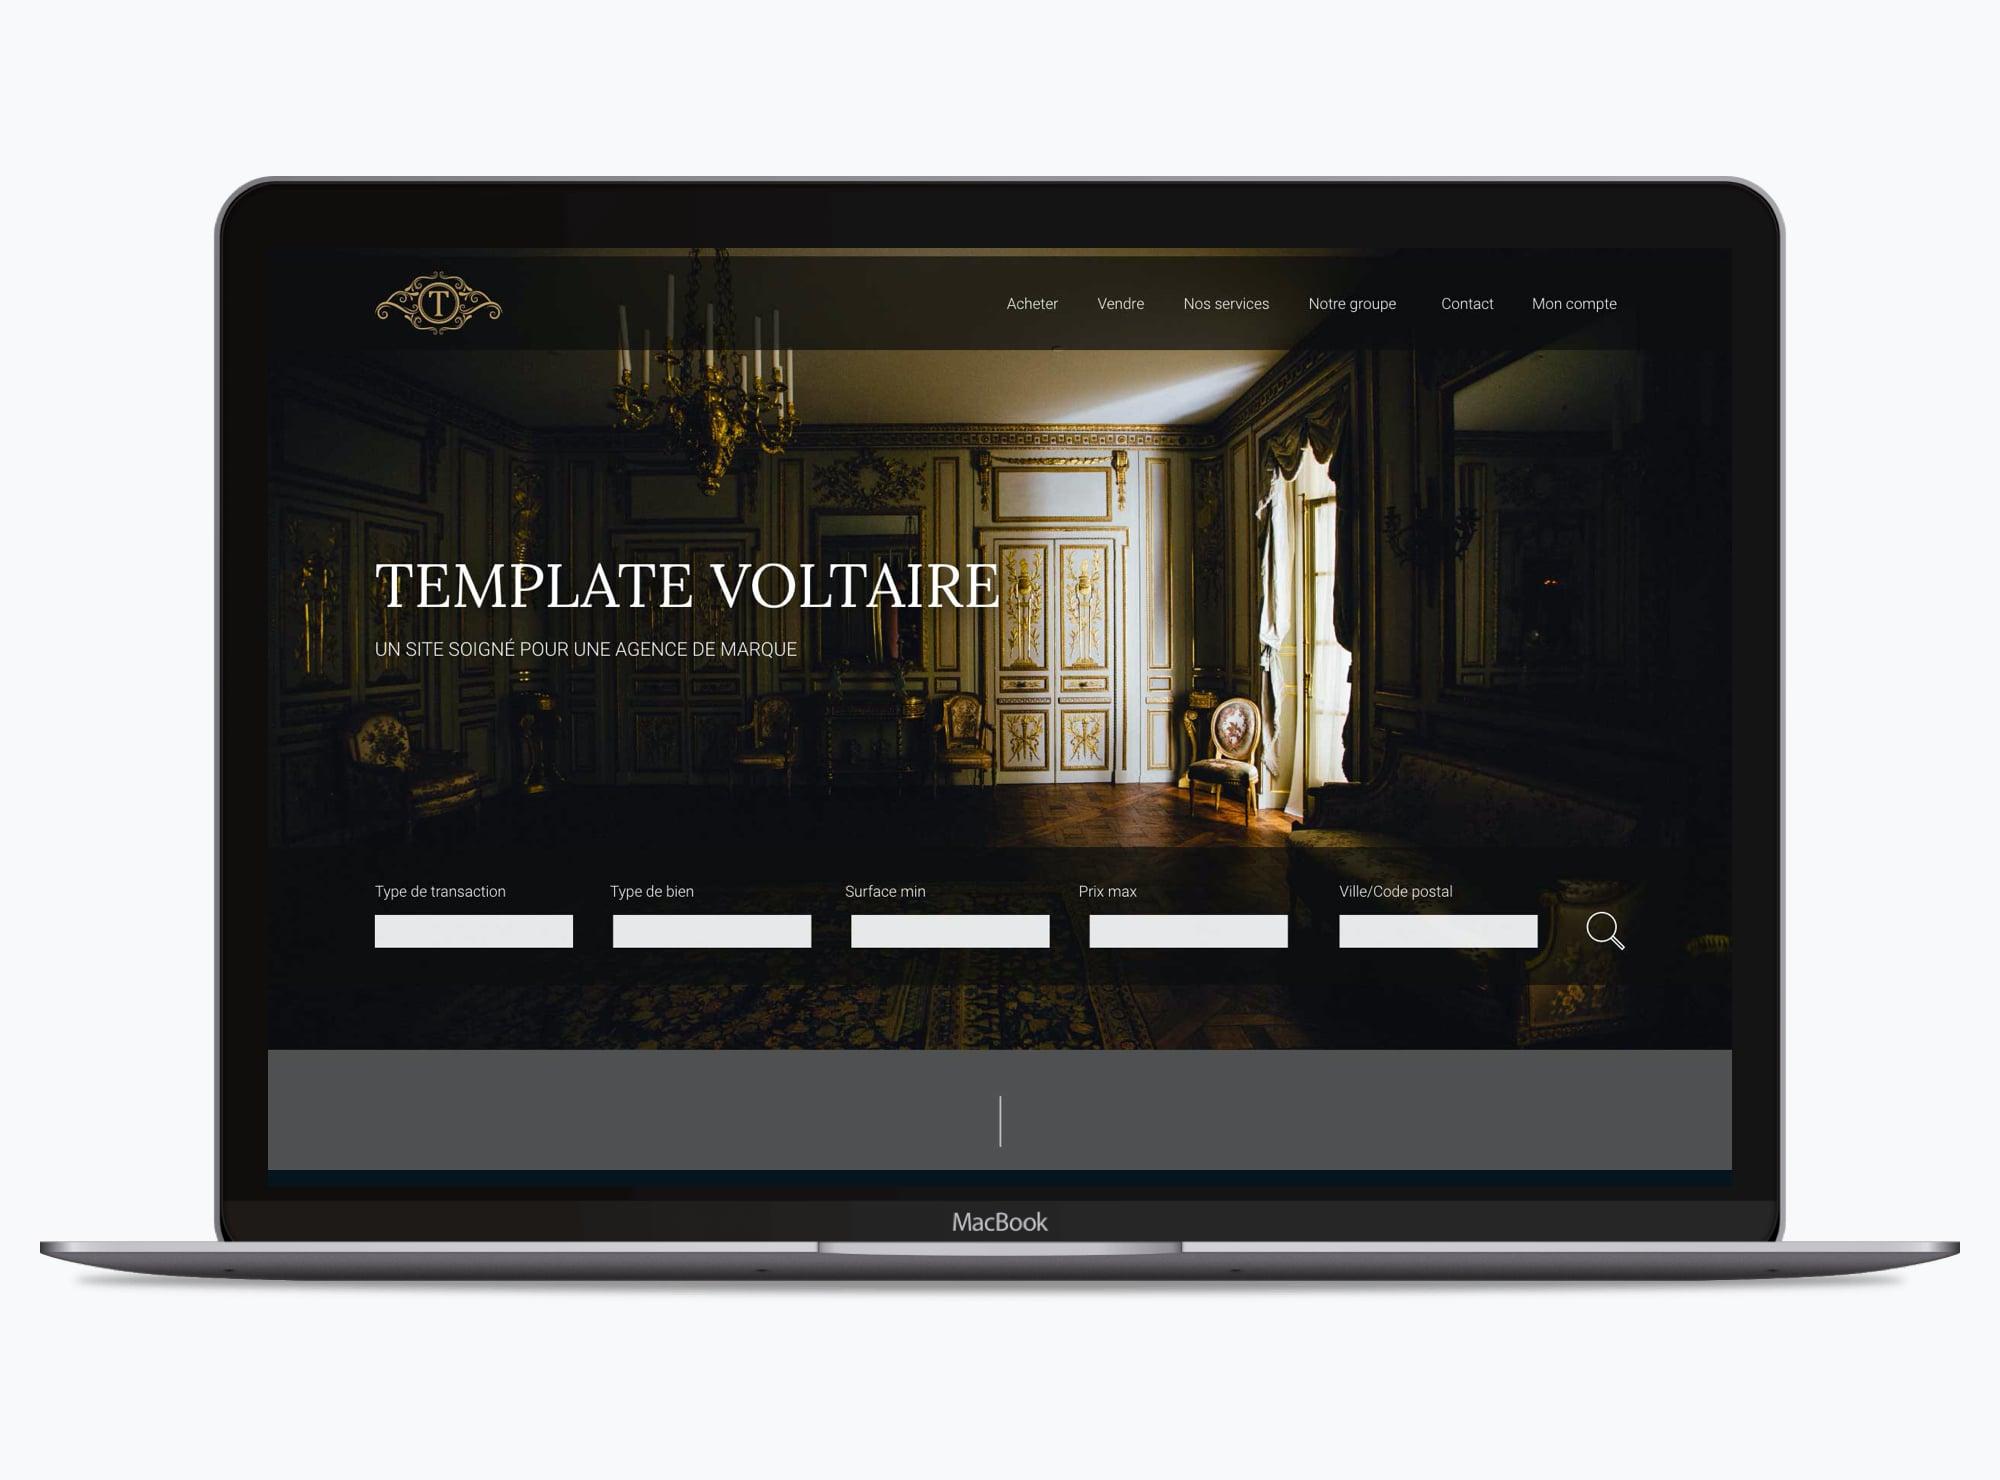 Site web : Thème Voltaire immobilier - Accueil